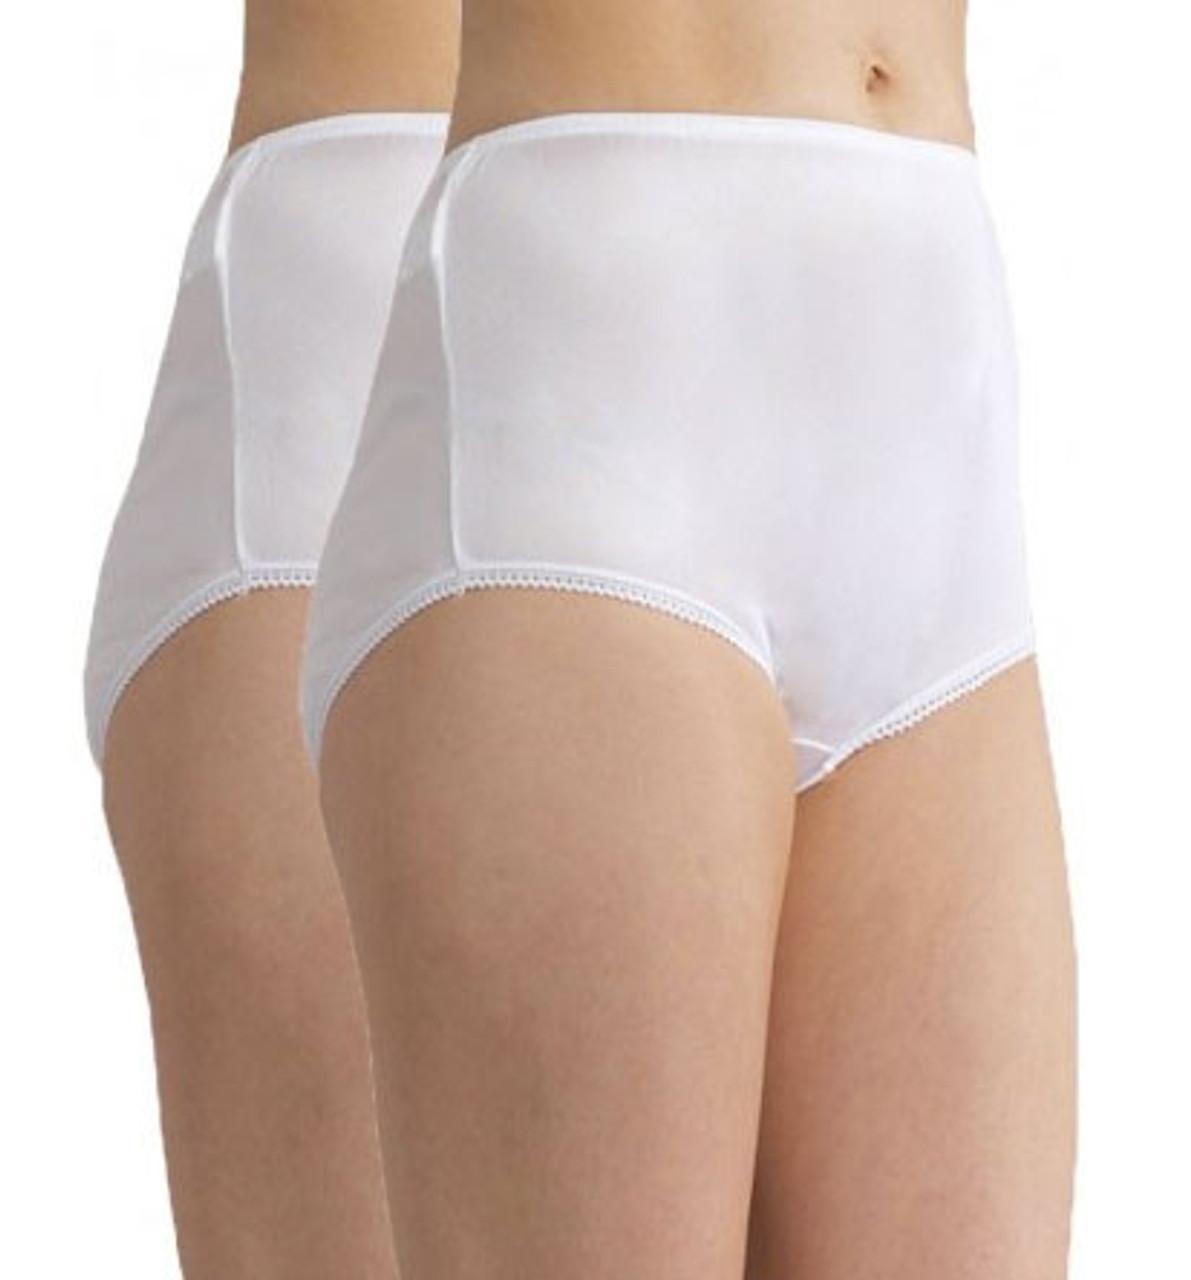 Women/'s Seam Free White Cotton Full Briefs with Stretch Elastane Sizes 10 to 24